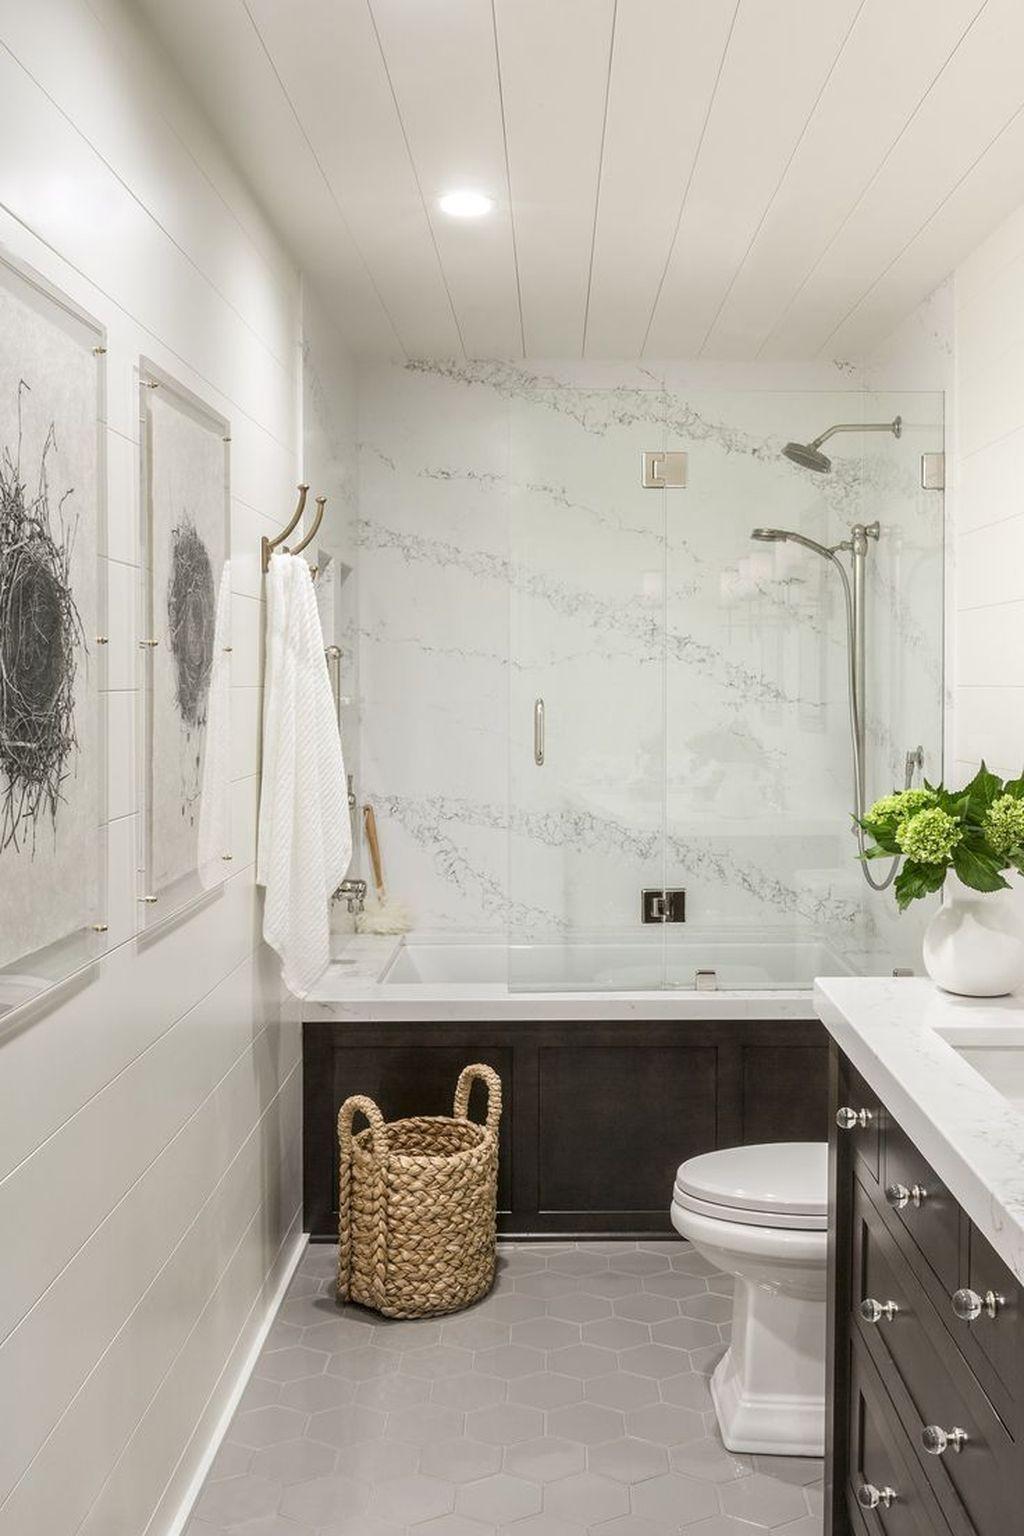 nice 20 beautiful rustic bathroom design ideas more at on bathroom renovation ideas id=15800